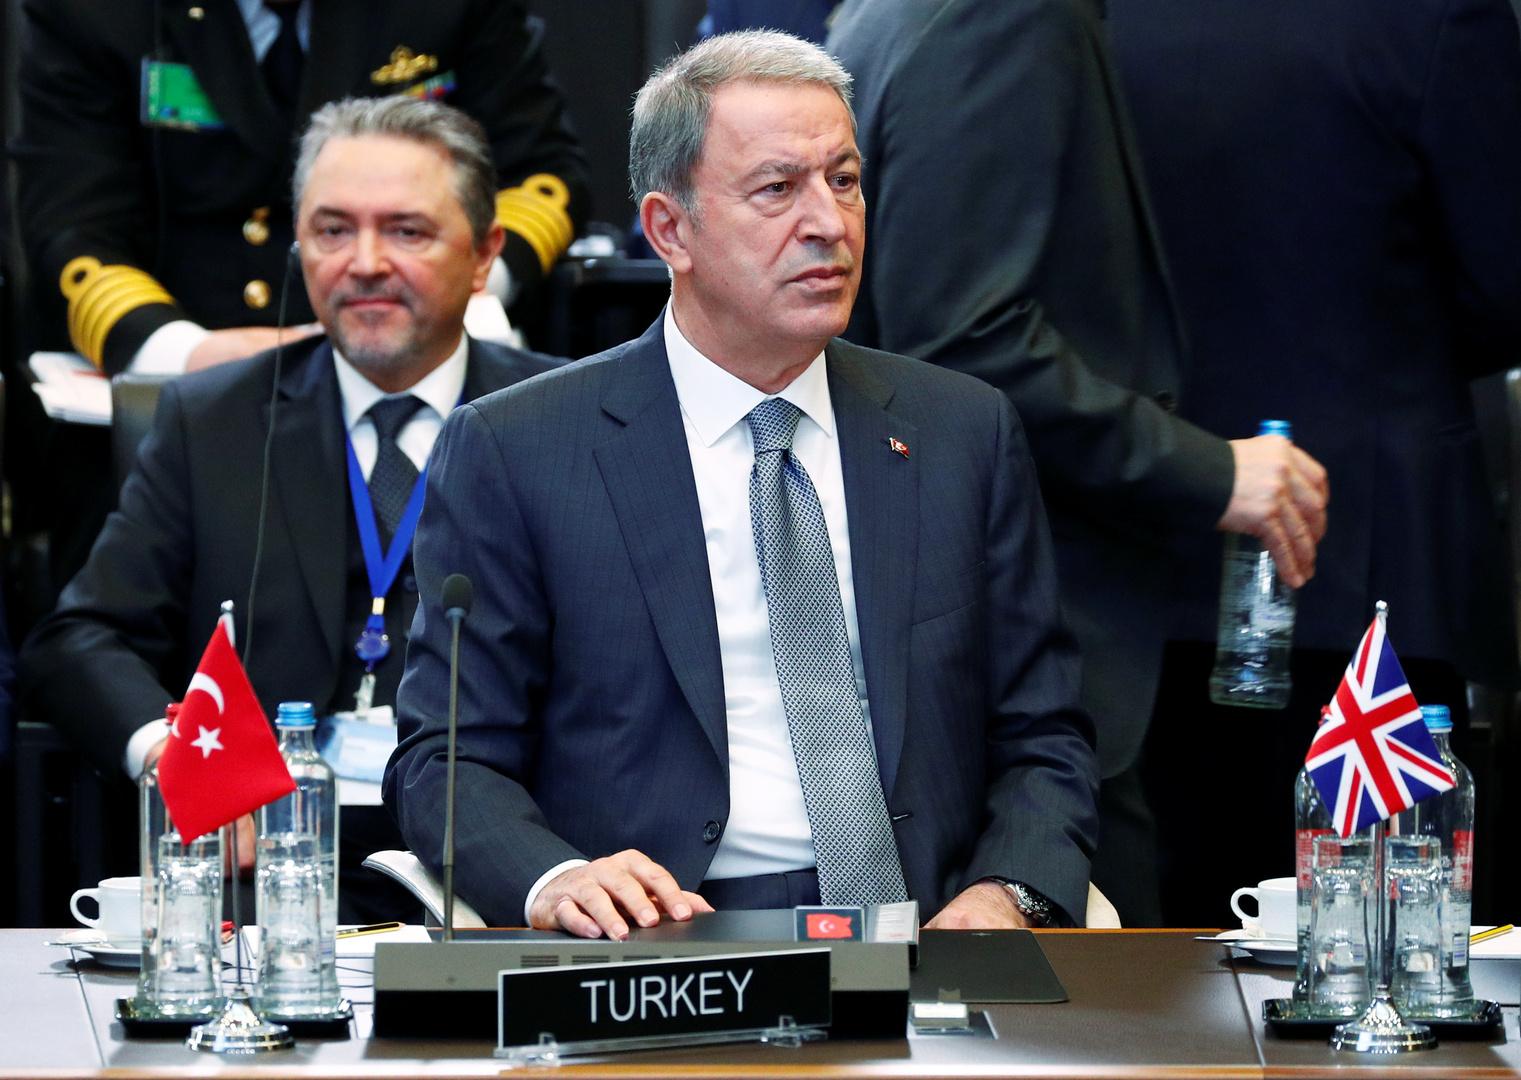 تركيا: نؤمن بالحوار لحل الخلافات مع اليونان